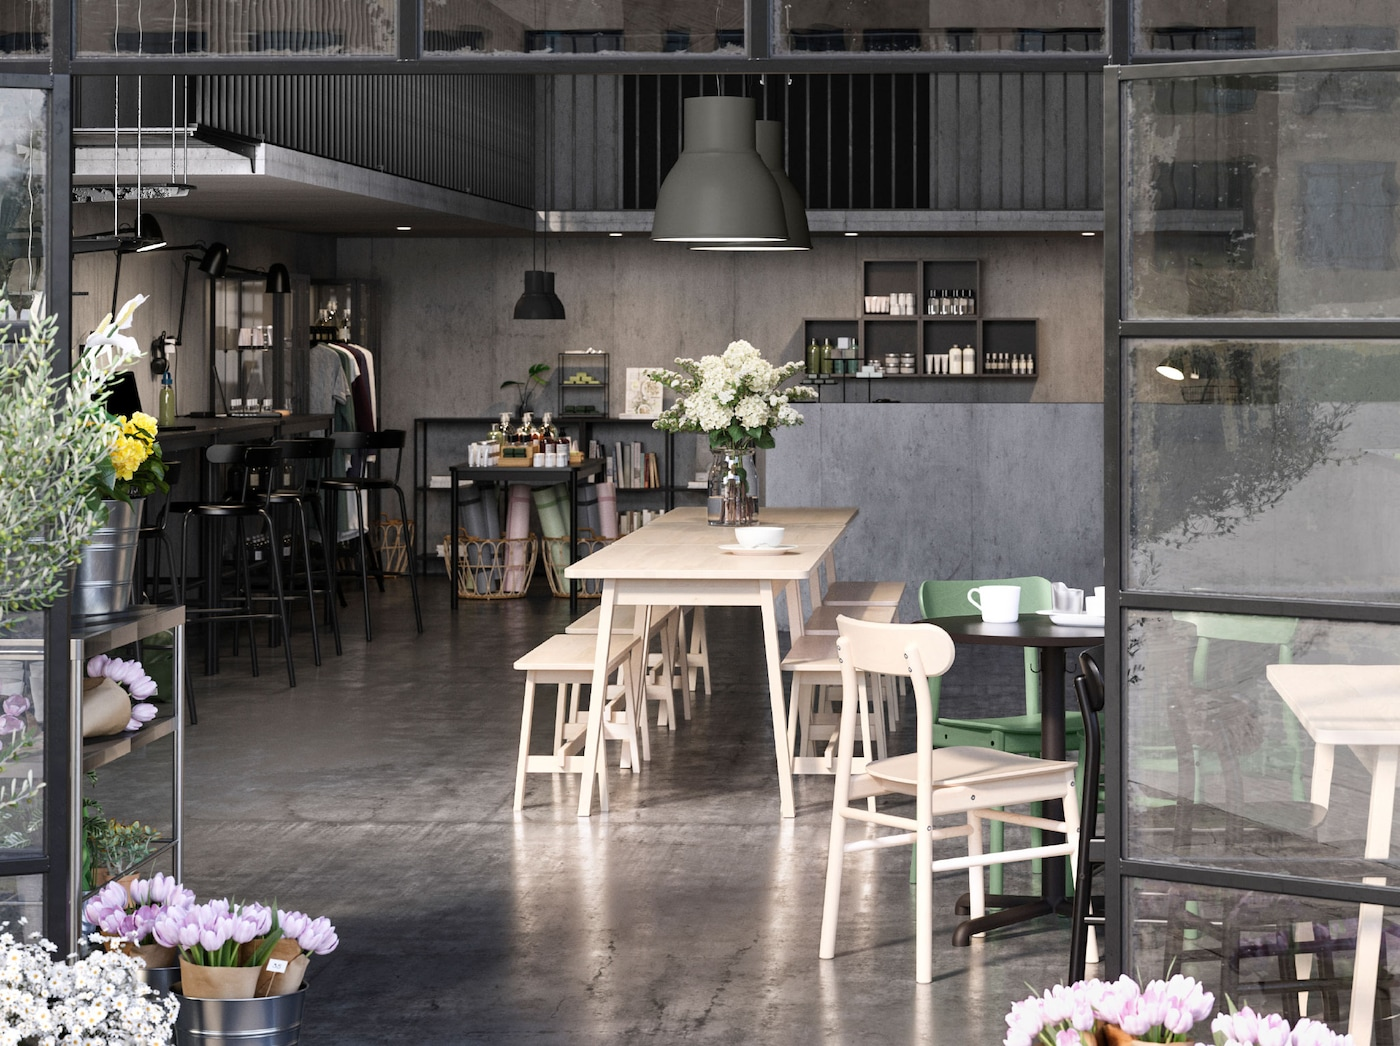 열린 유리도어가 프레임을 이룬 오픈 플랜식 구조의 카페, 매장과 공동 업무공간. 꽃이 도어 옆 테이블에 놓여 있는 모습.